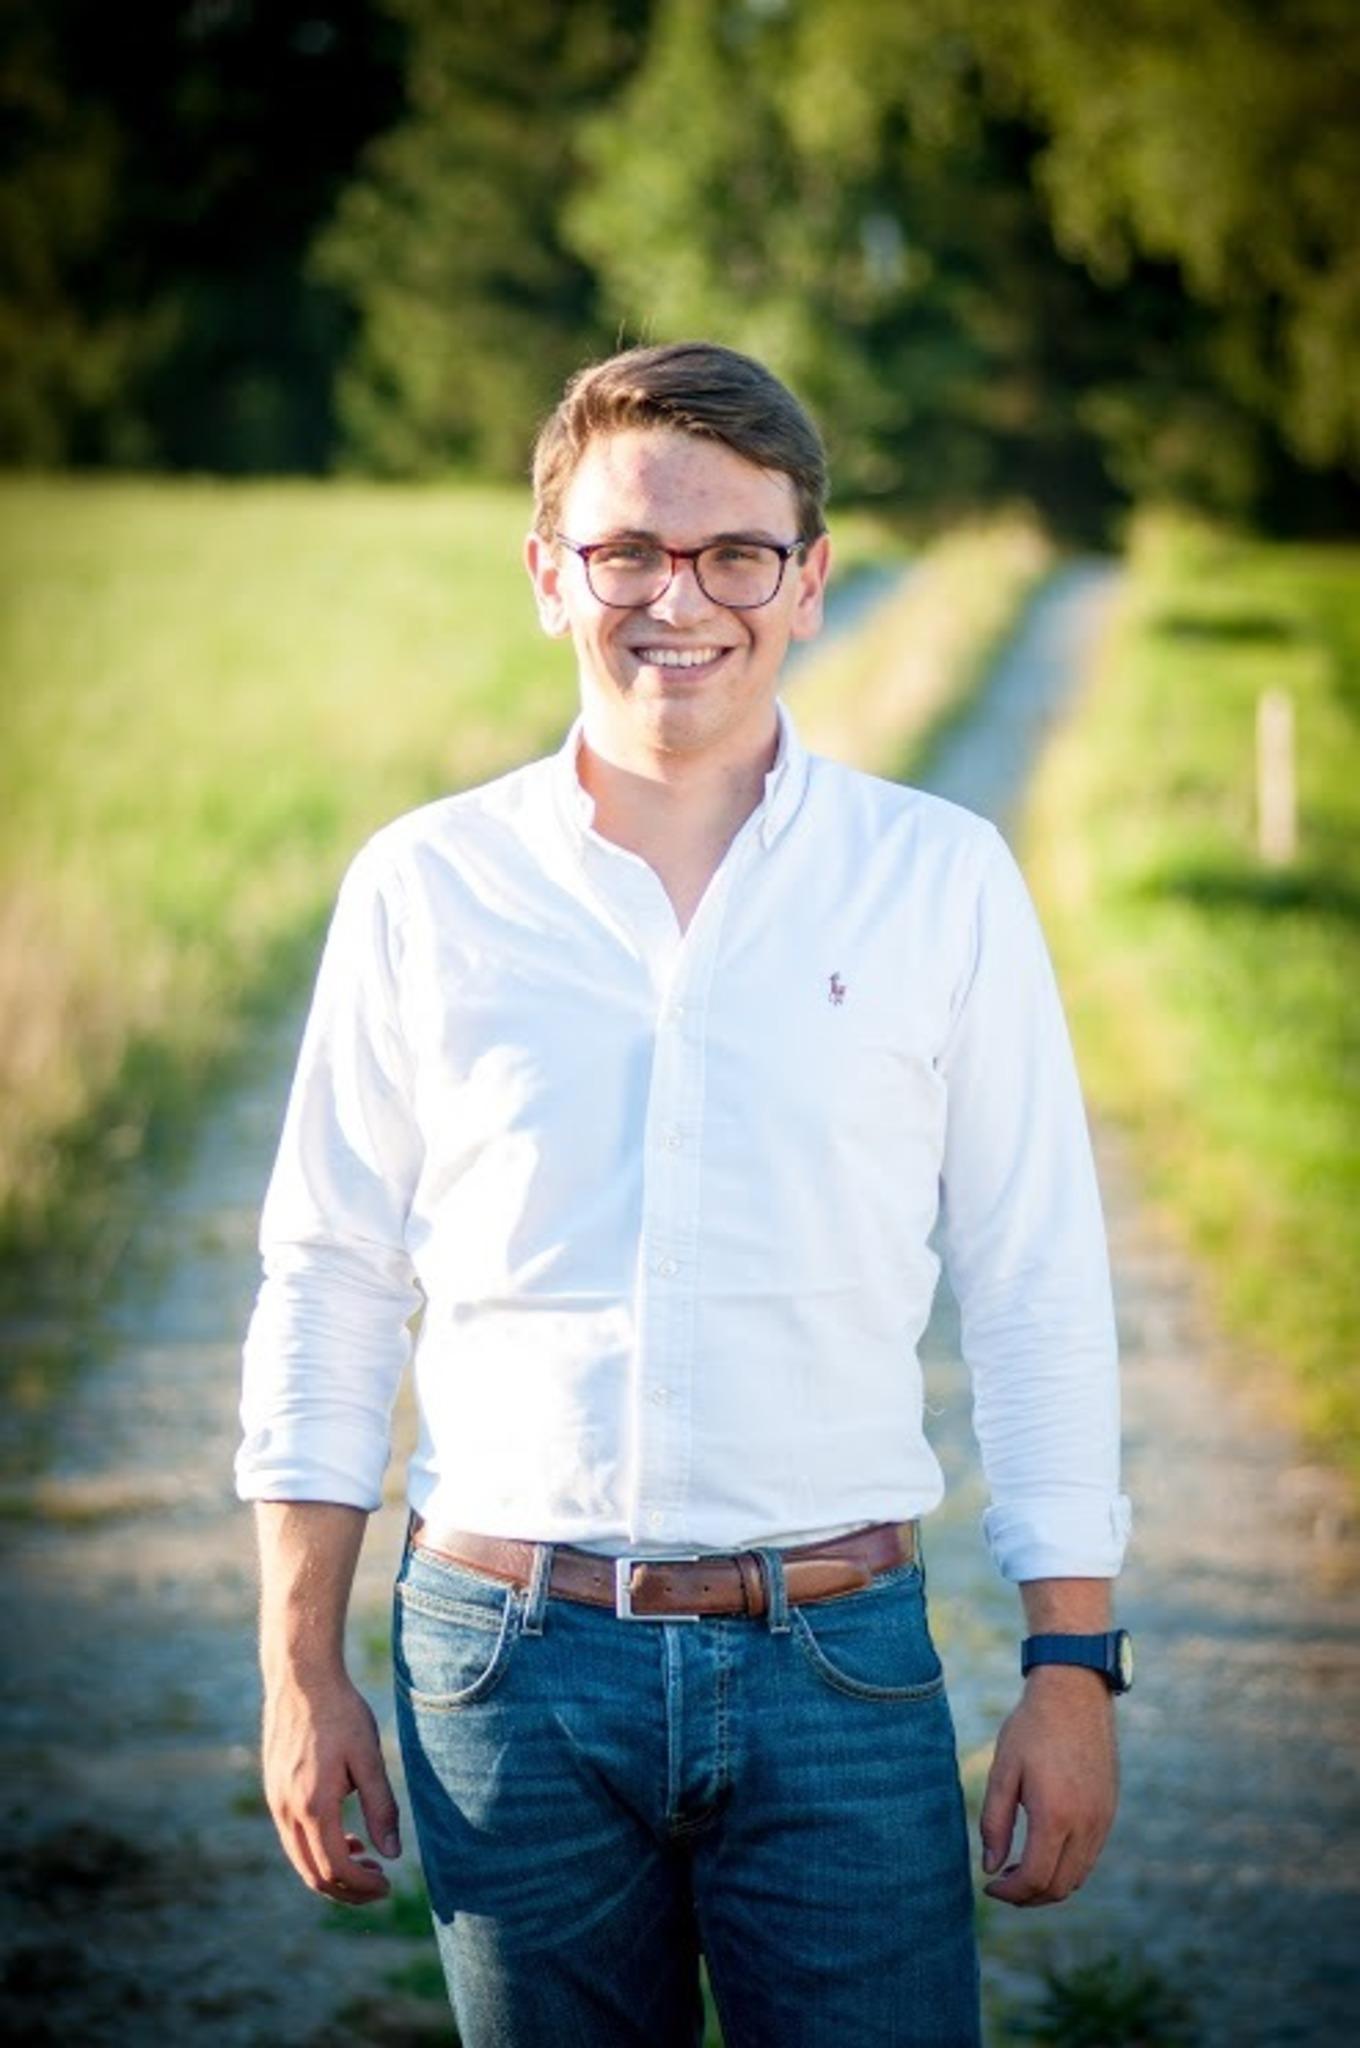 Wolfsberger zum Chef gewählt - Wolfsberg